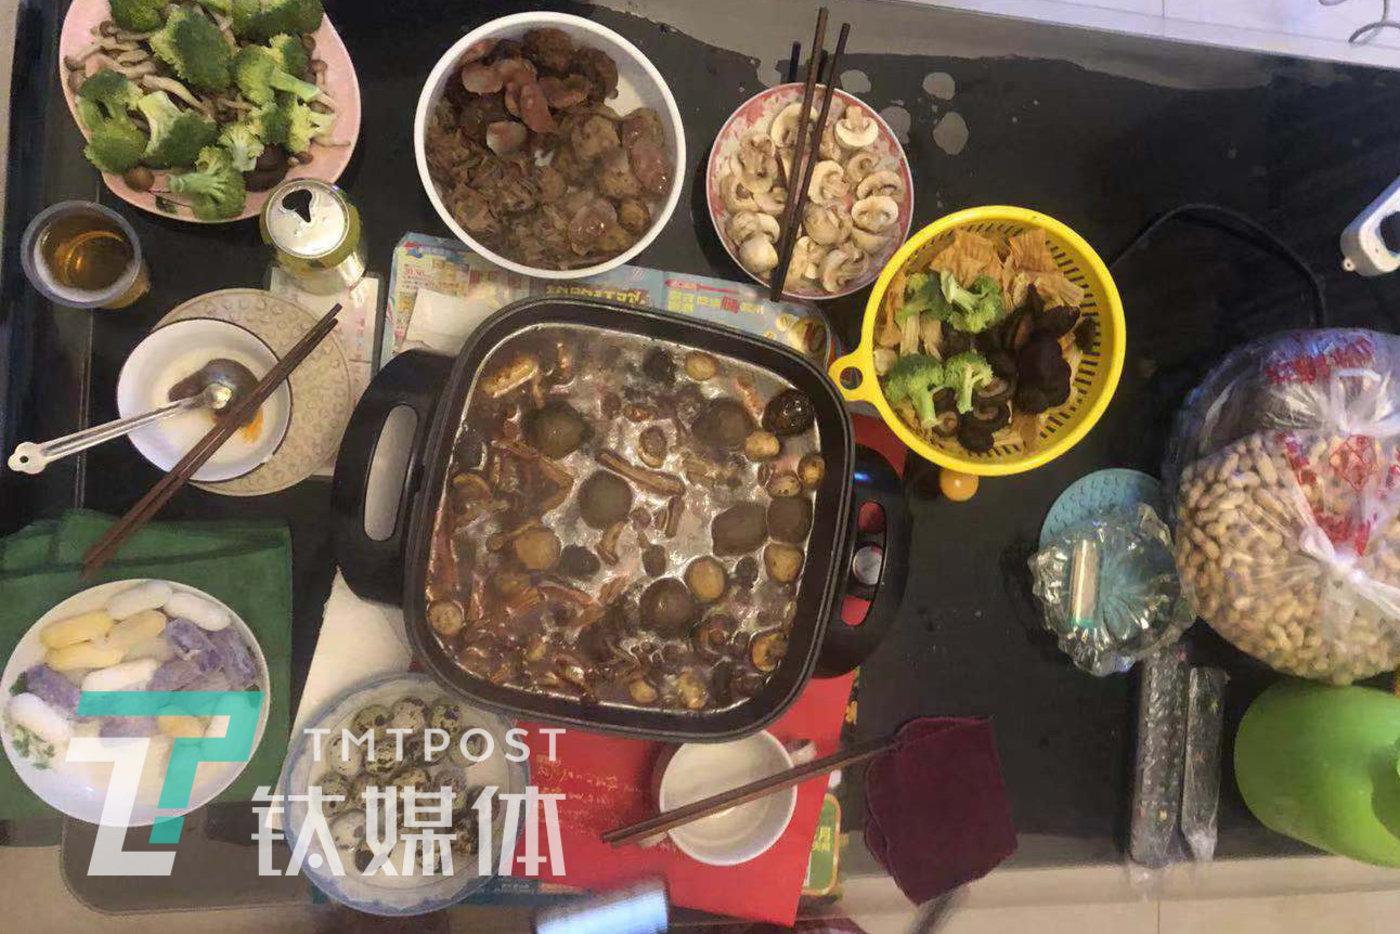 除夕年夜飯,用家里剩的食材拼做了一個火鍋